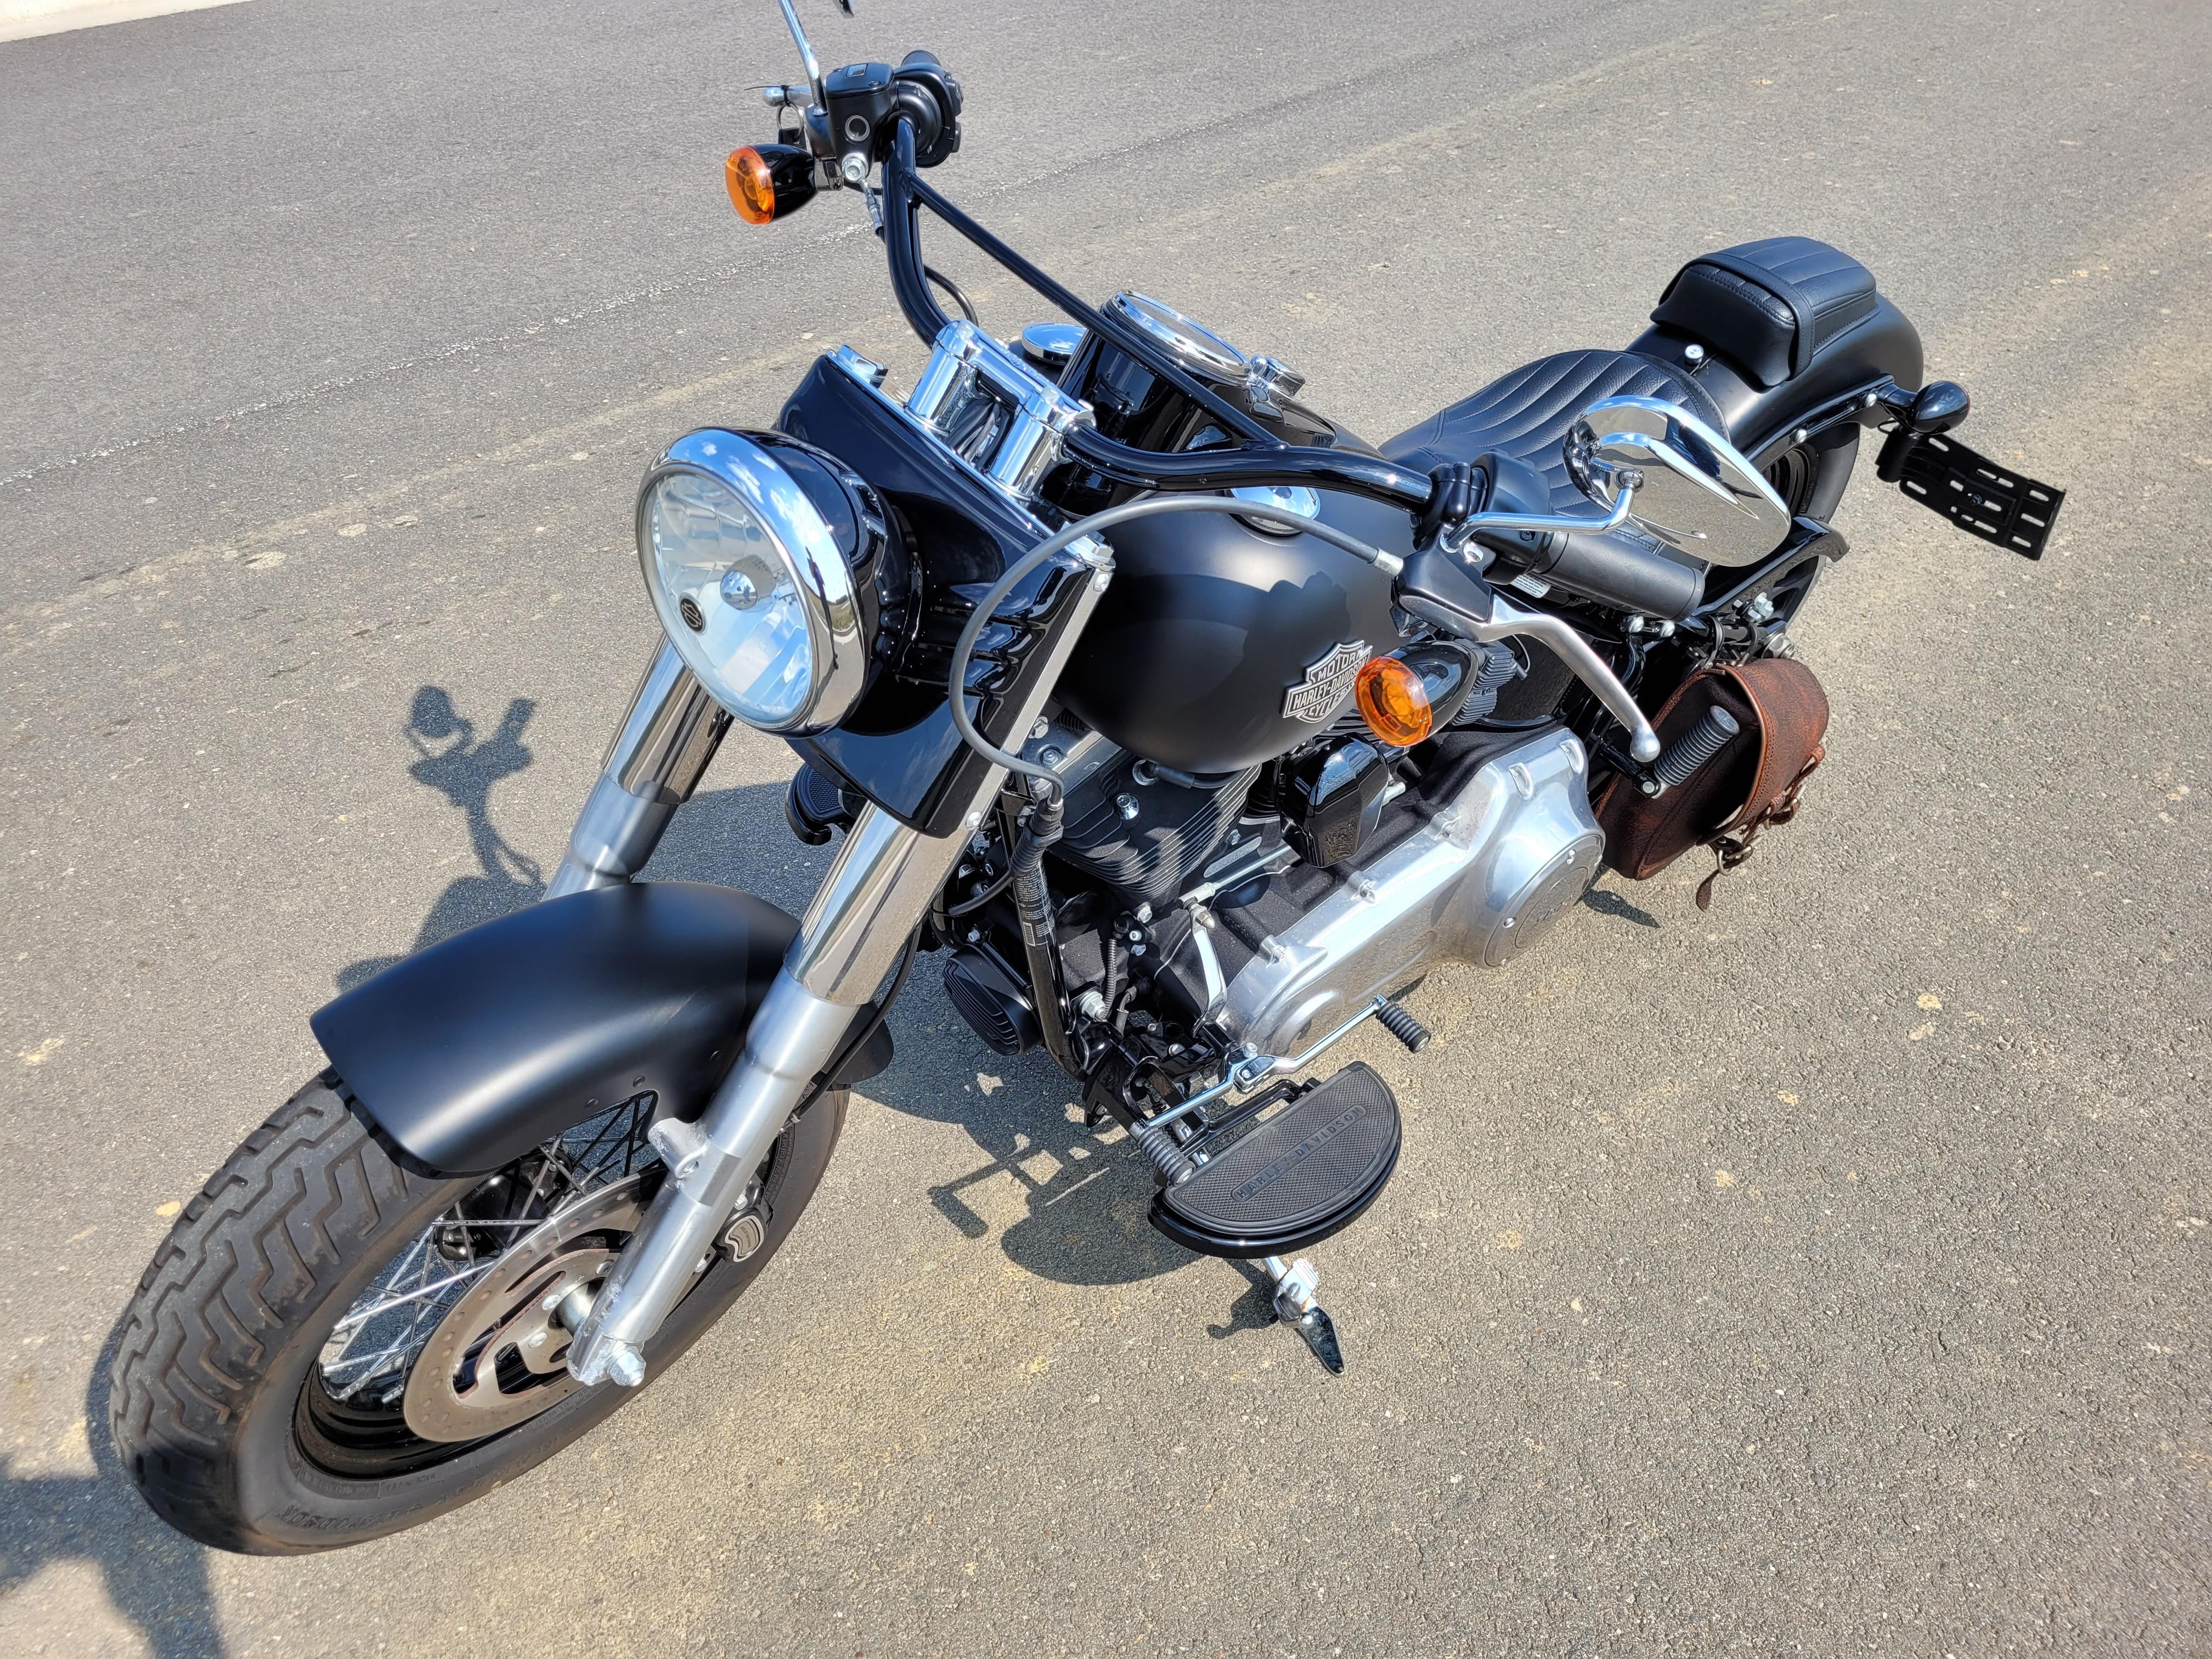 2016 Harley-Davidson Softail Slim at Richmond Harley-Davidson